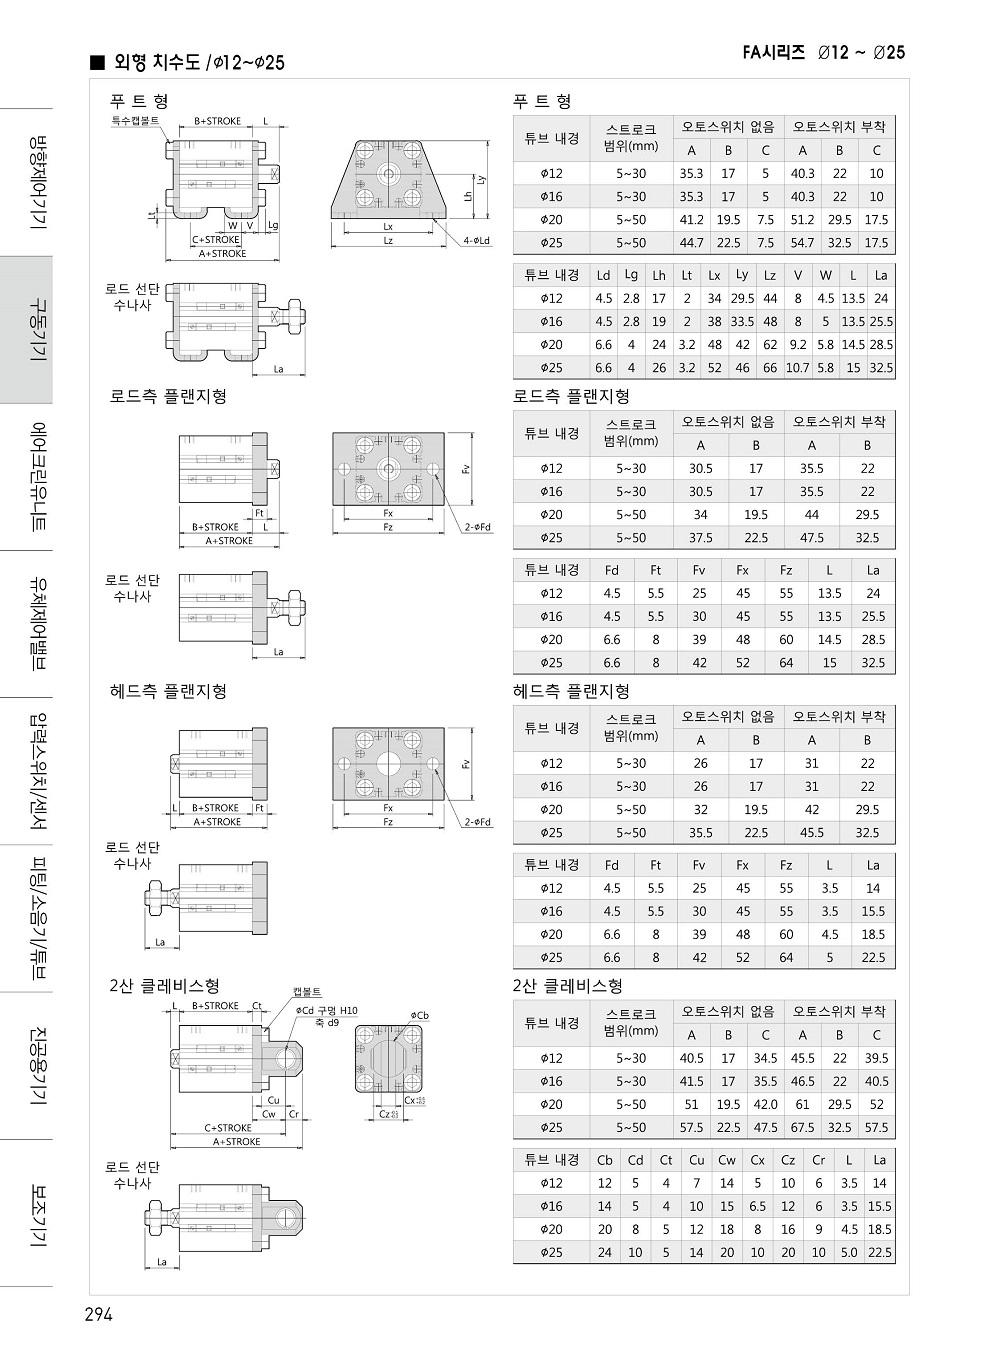 2+신영제어기 종합카다로그 200416294.jpg